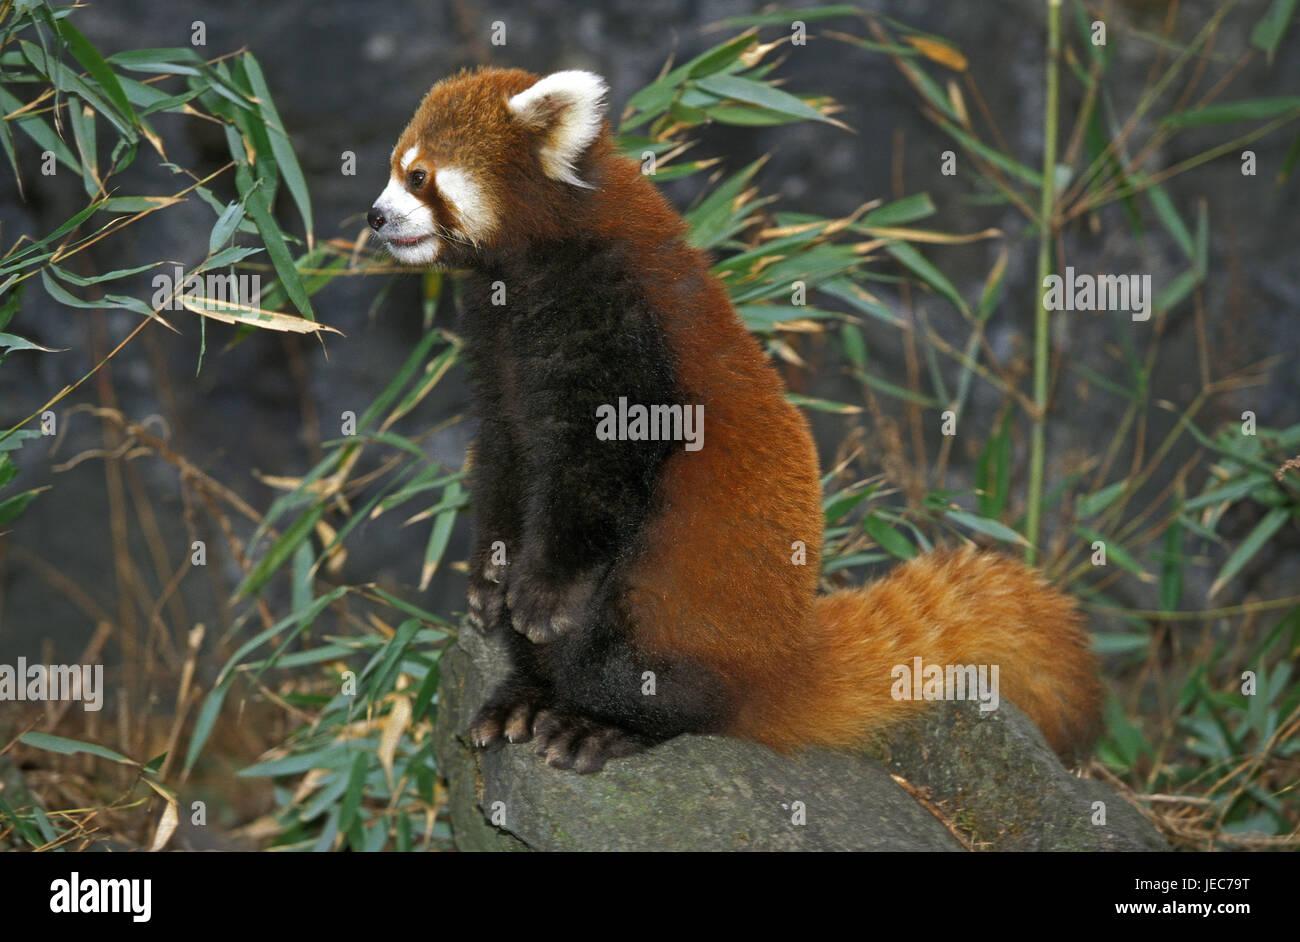 Small panda, Ailurus fulgens, sits on rock, - Stock Image